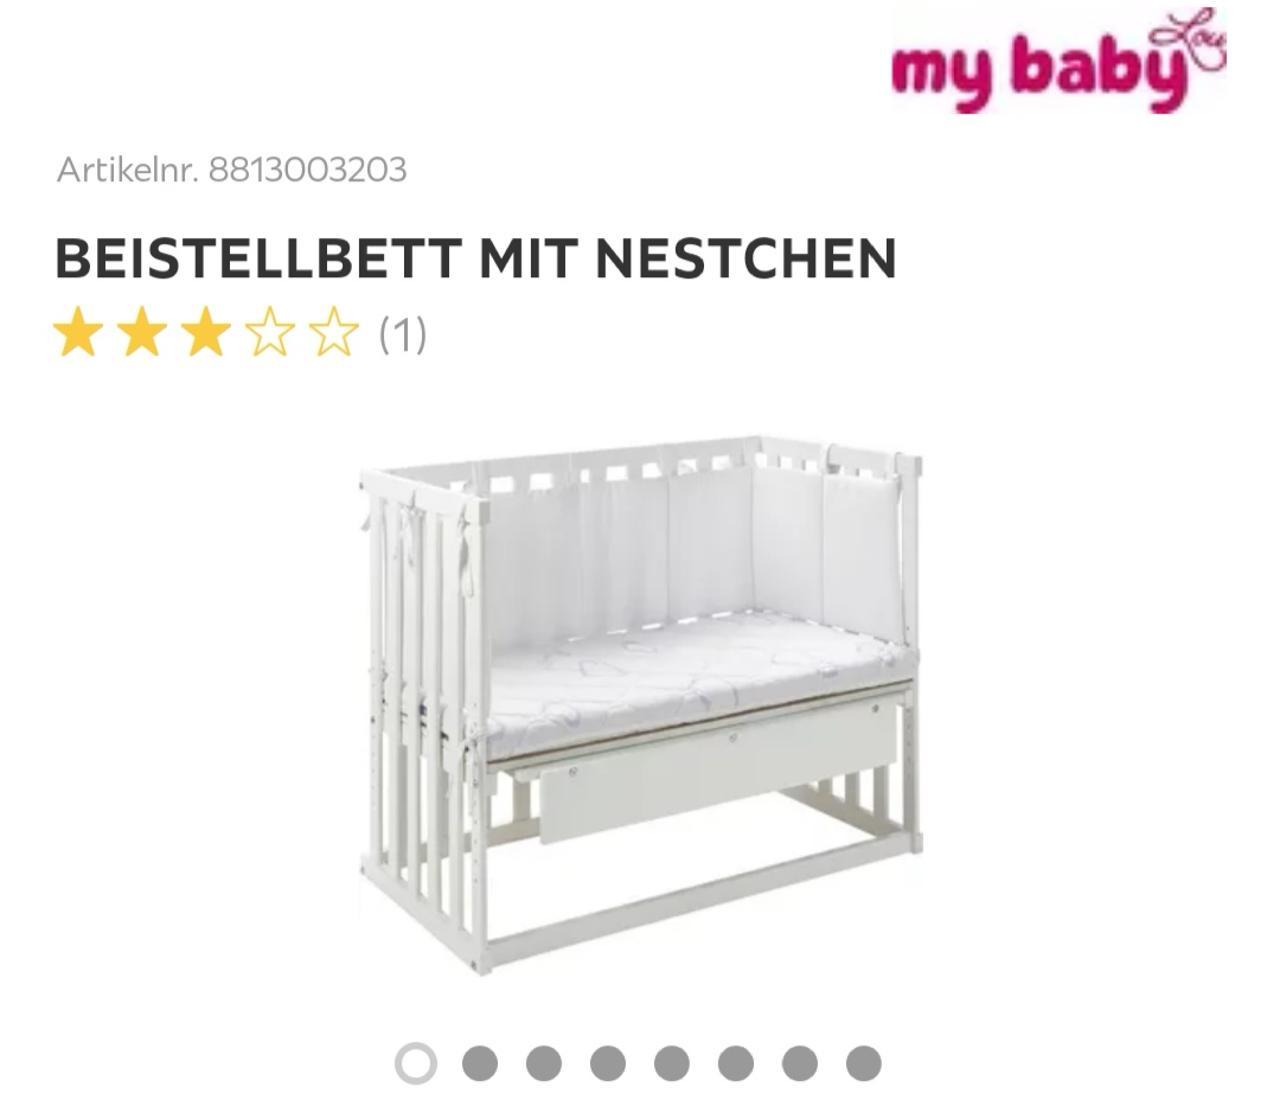 Beistellbett Baby Forum Montage Babybay De